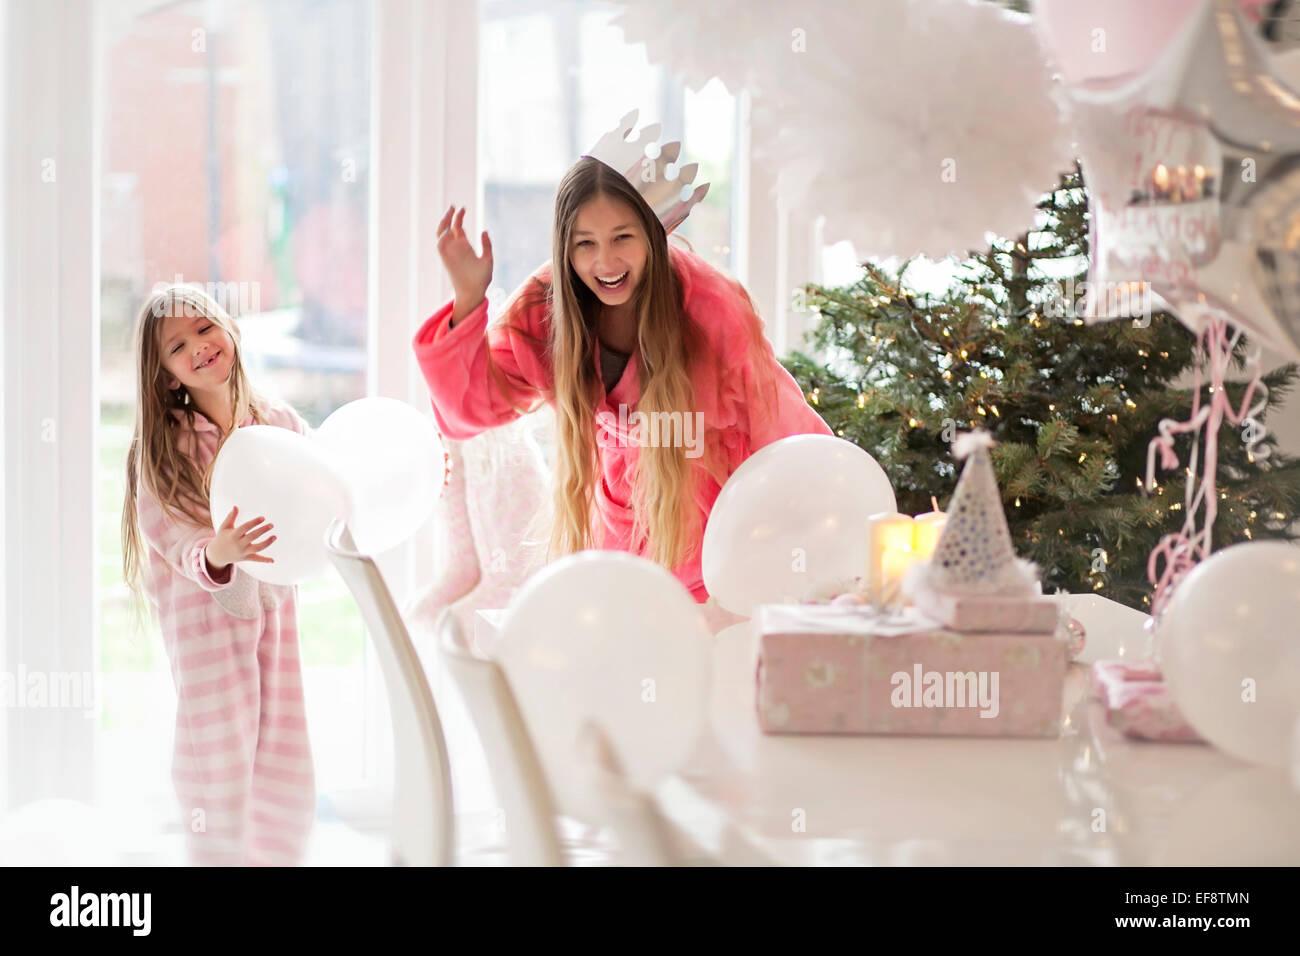 Dos niñas (4-5,14-15) jugando con balones por árbol de Navidad Imagen De Stock